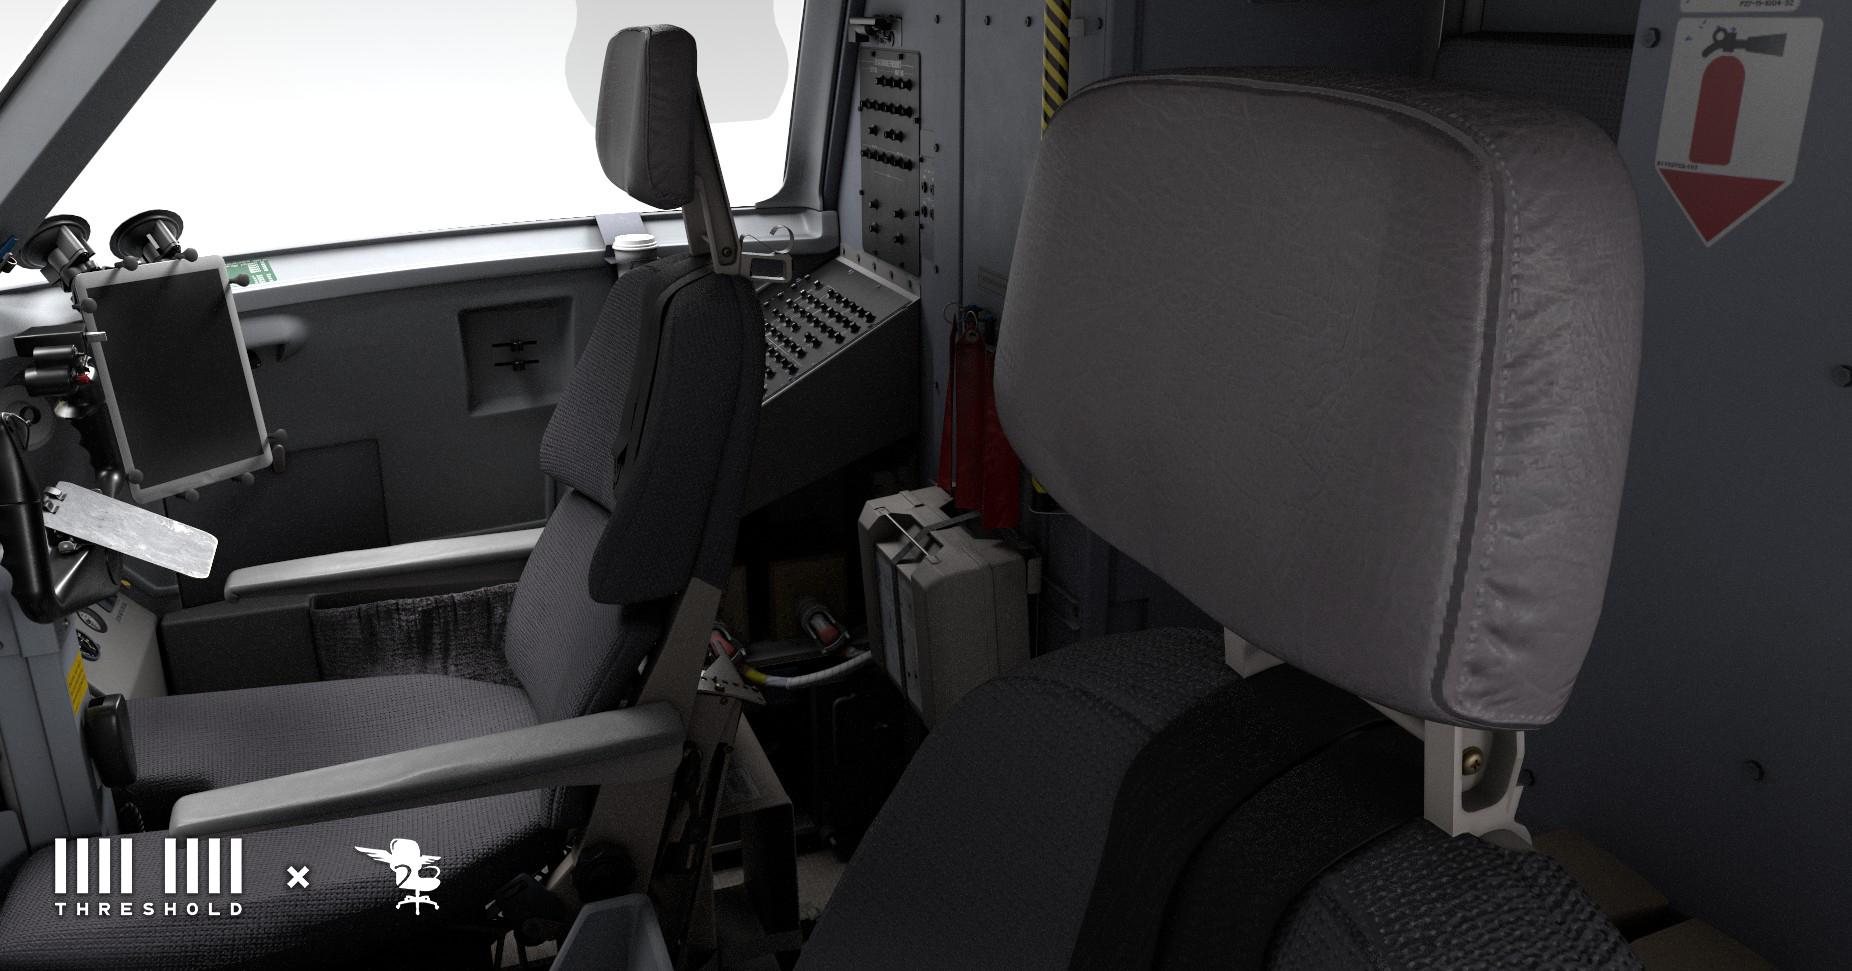 5db2b5838c4f92d018220785_Cockpit8.jpg